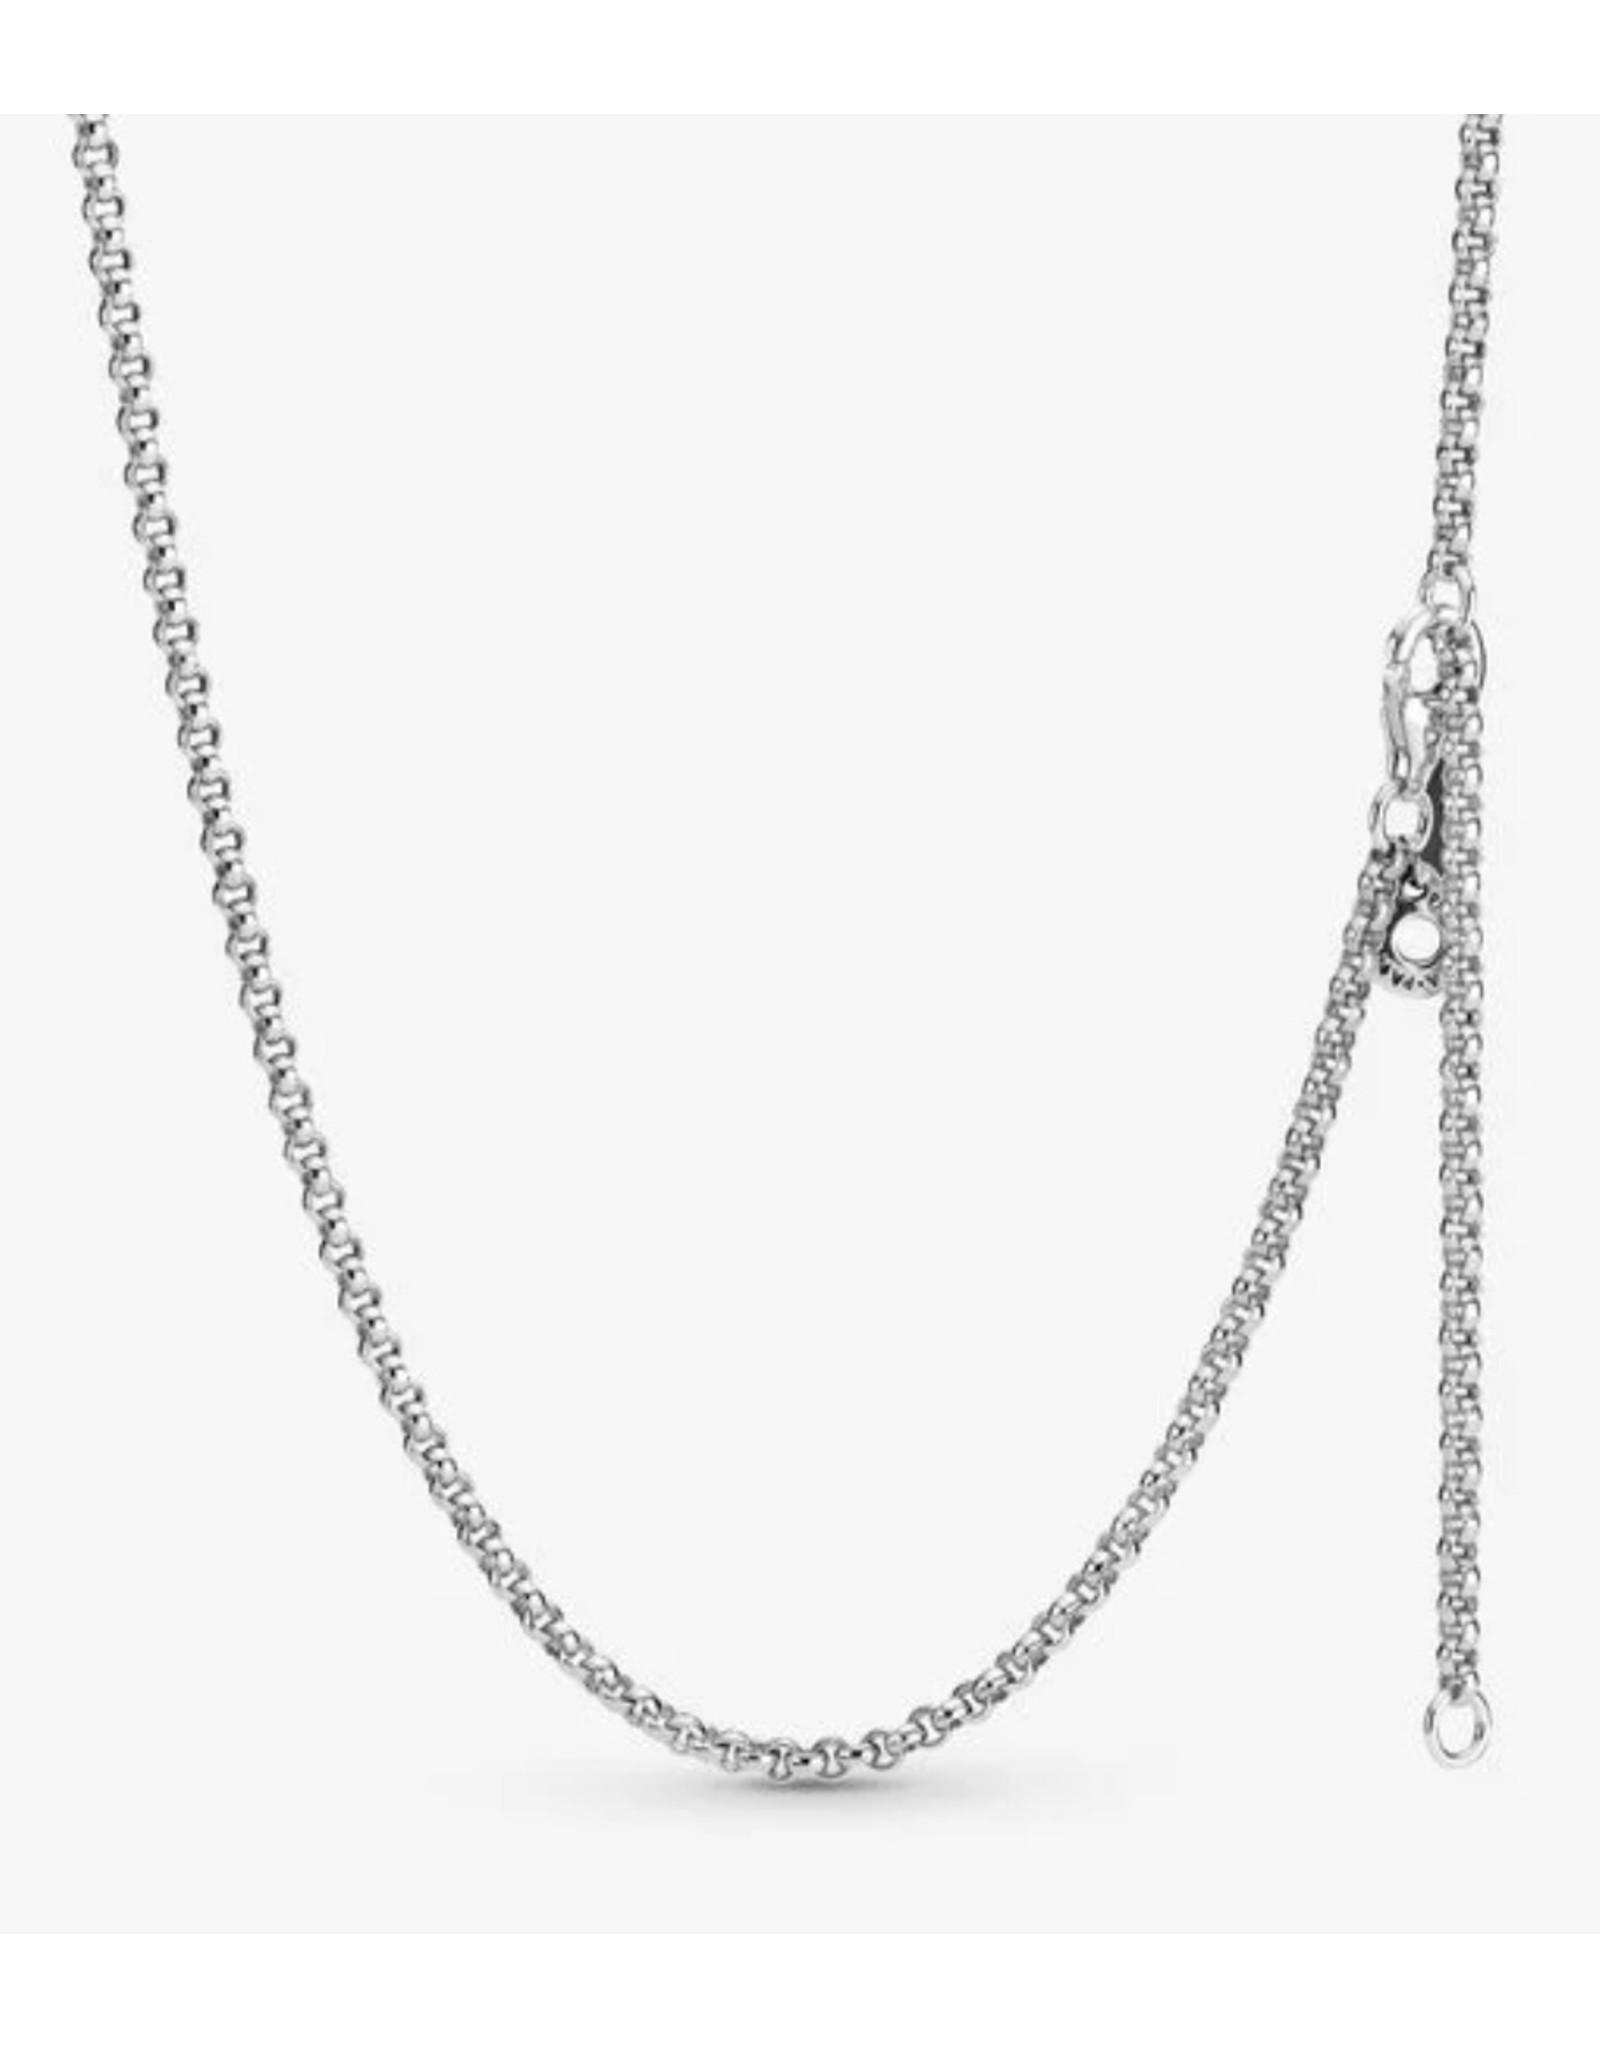 Pandora Pandora Chain,399260C00-60, Rolo Chain